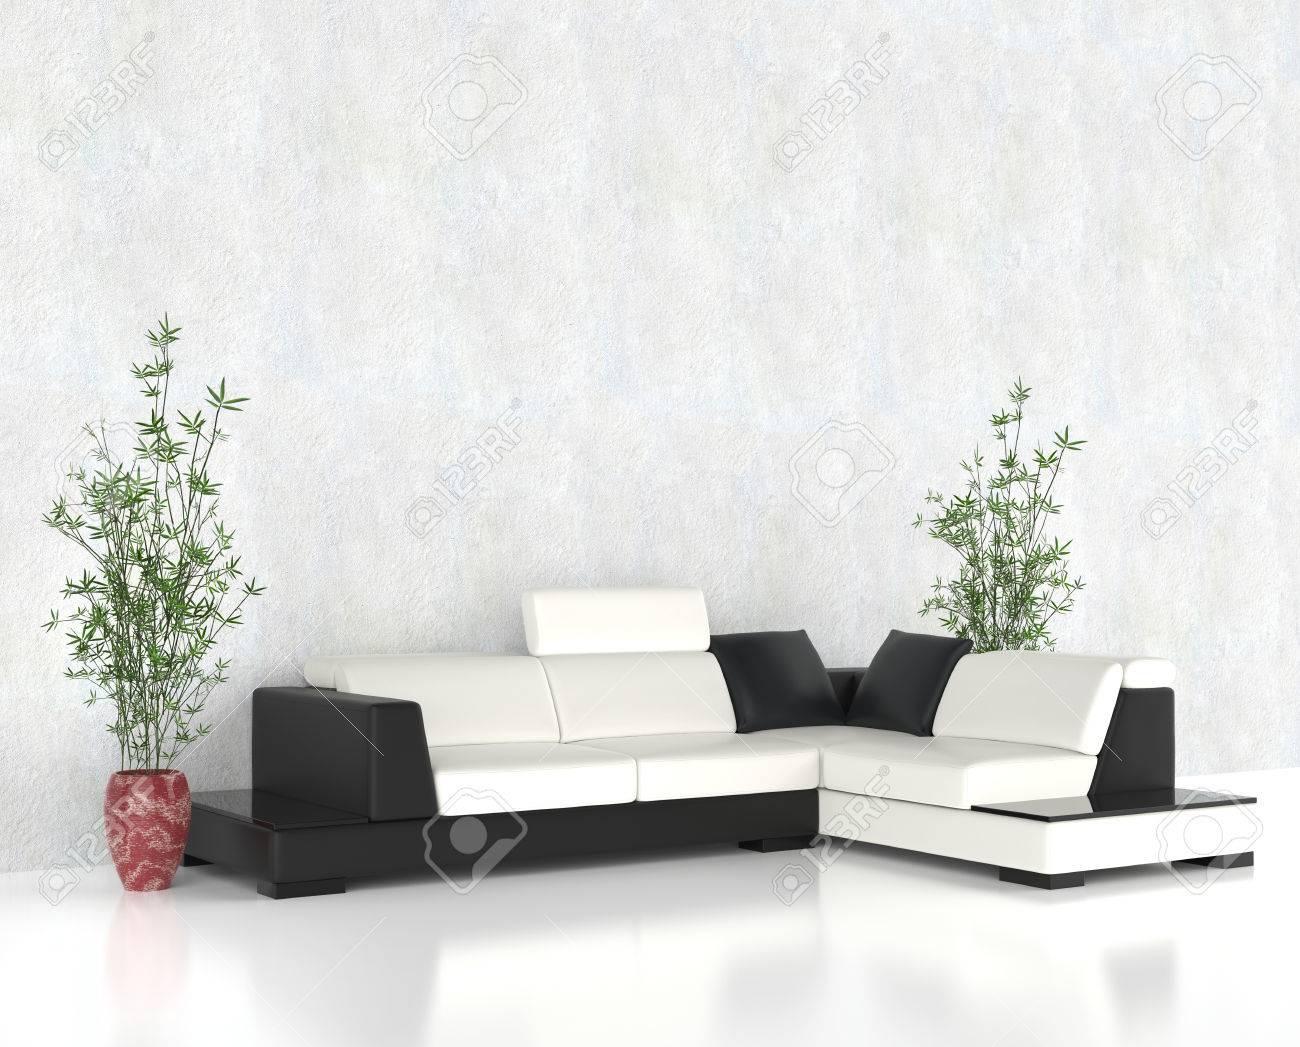 Elegant Modernes Helles Wohnzimmer Möbel Set Standard Bild   44766410